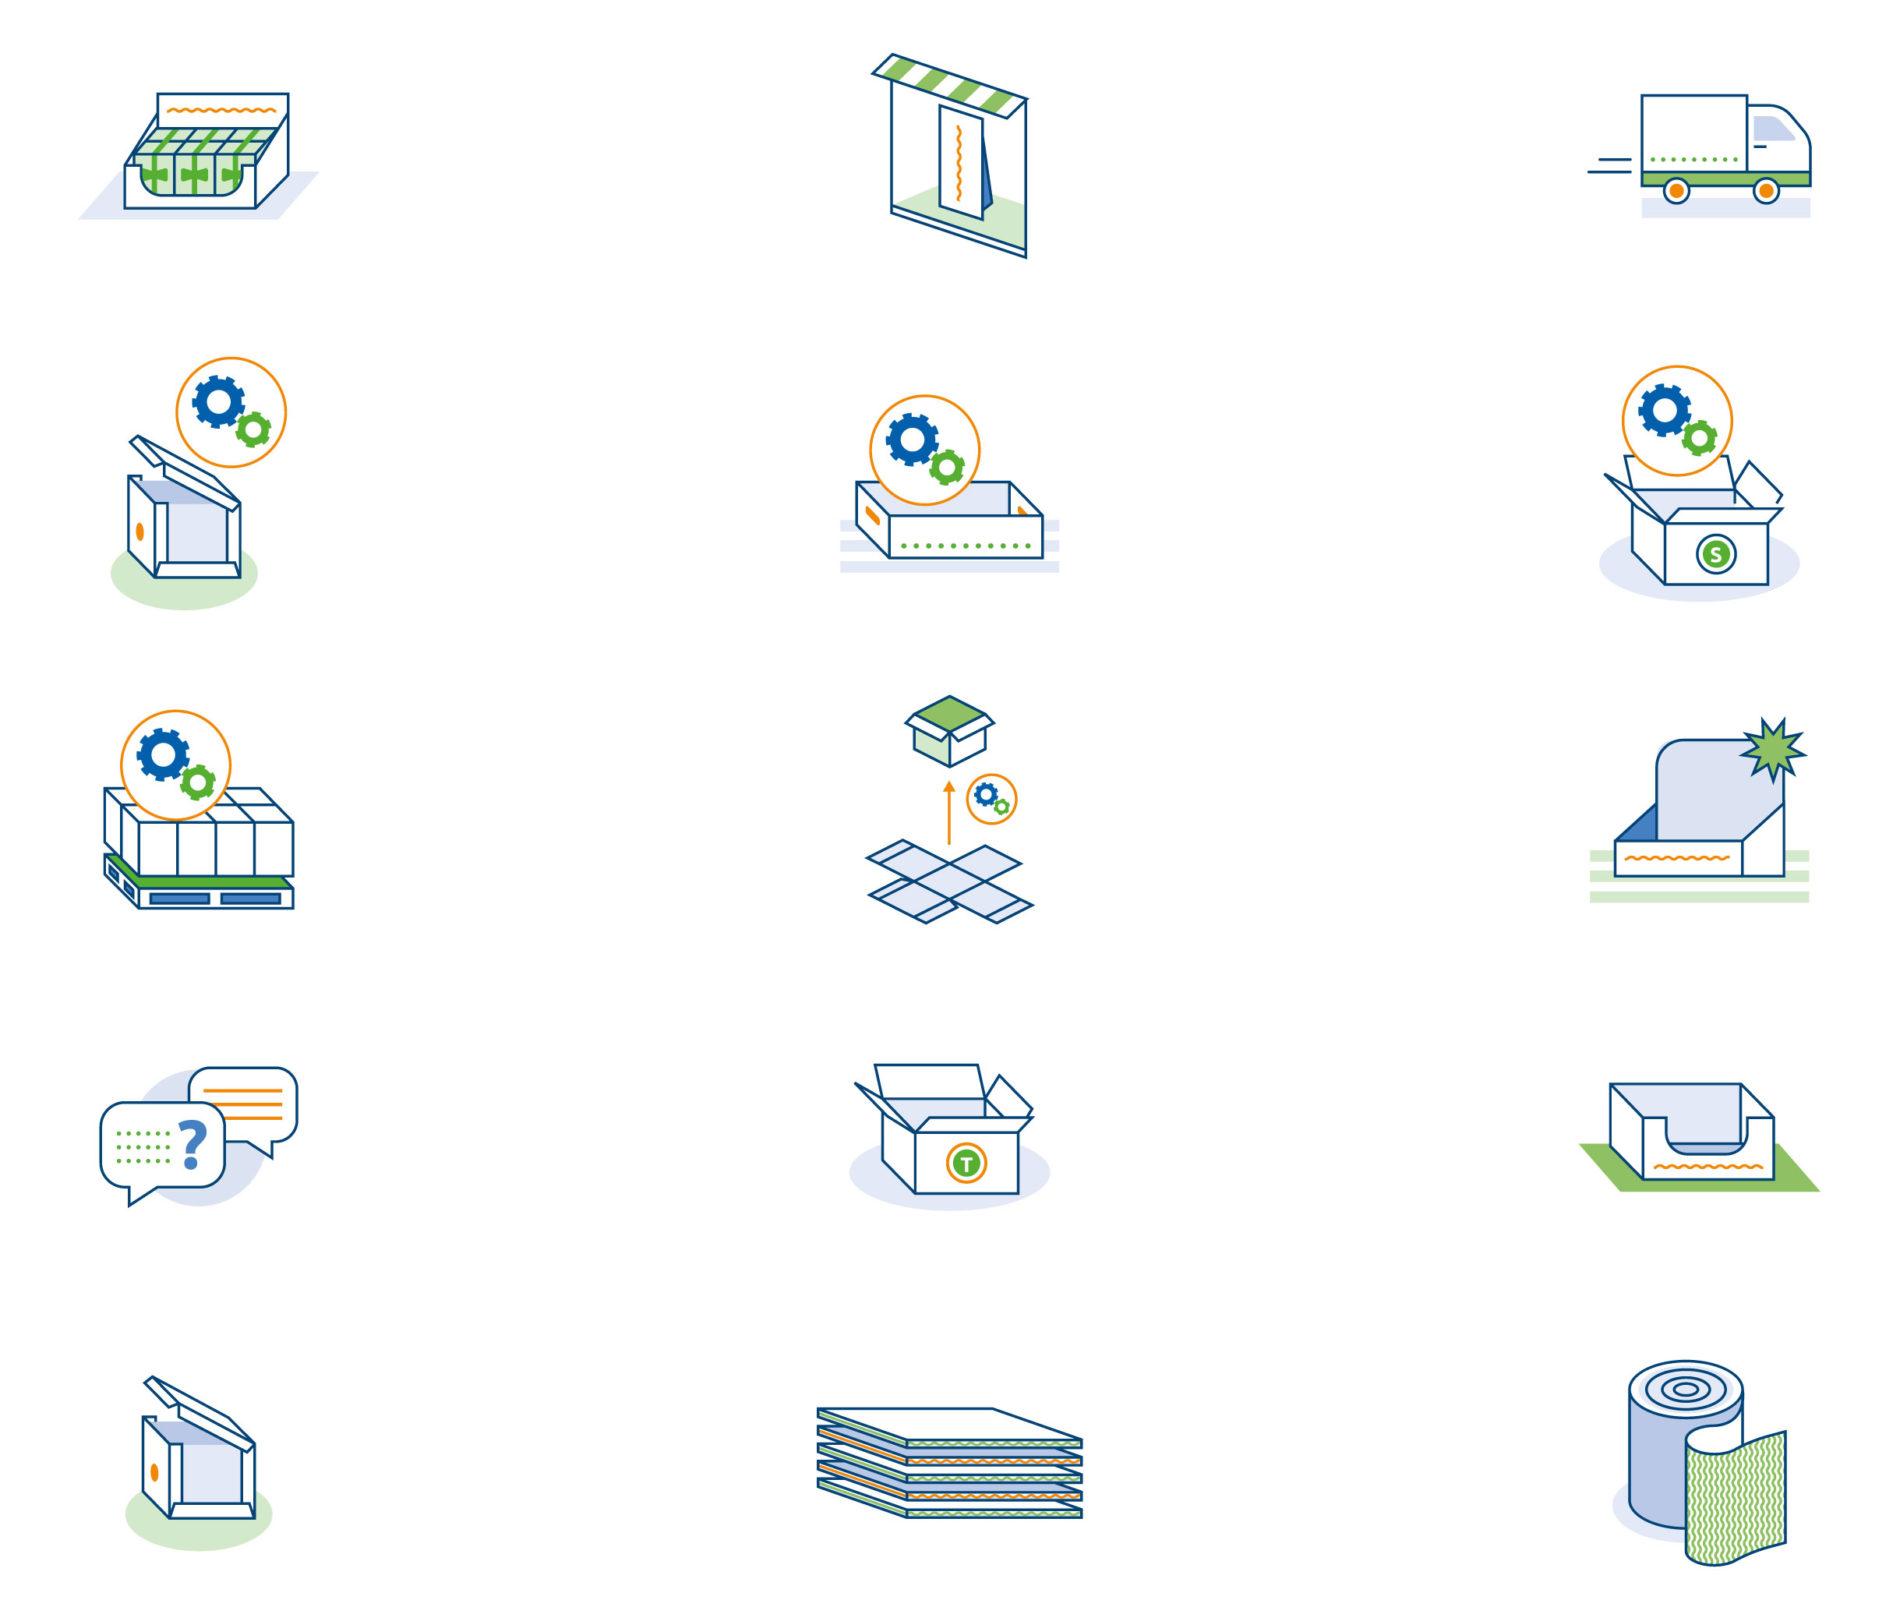 Dit zijn nog voorbeelden van iconen.